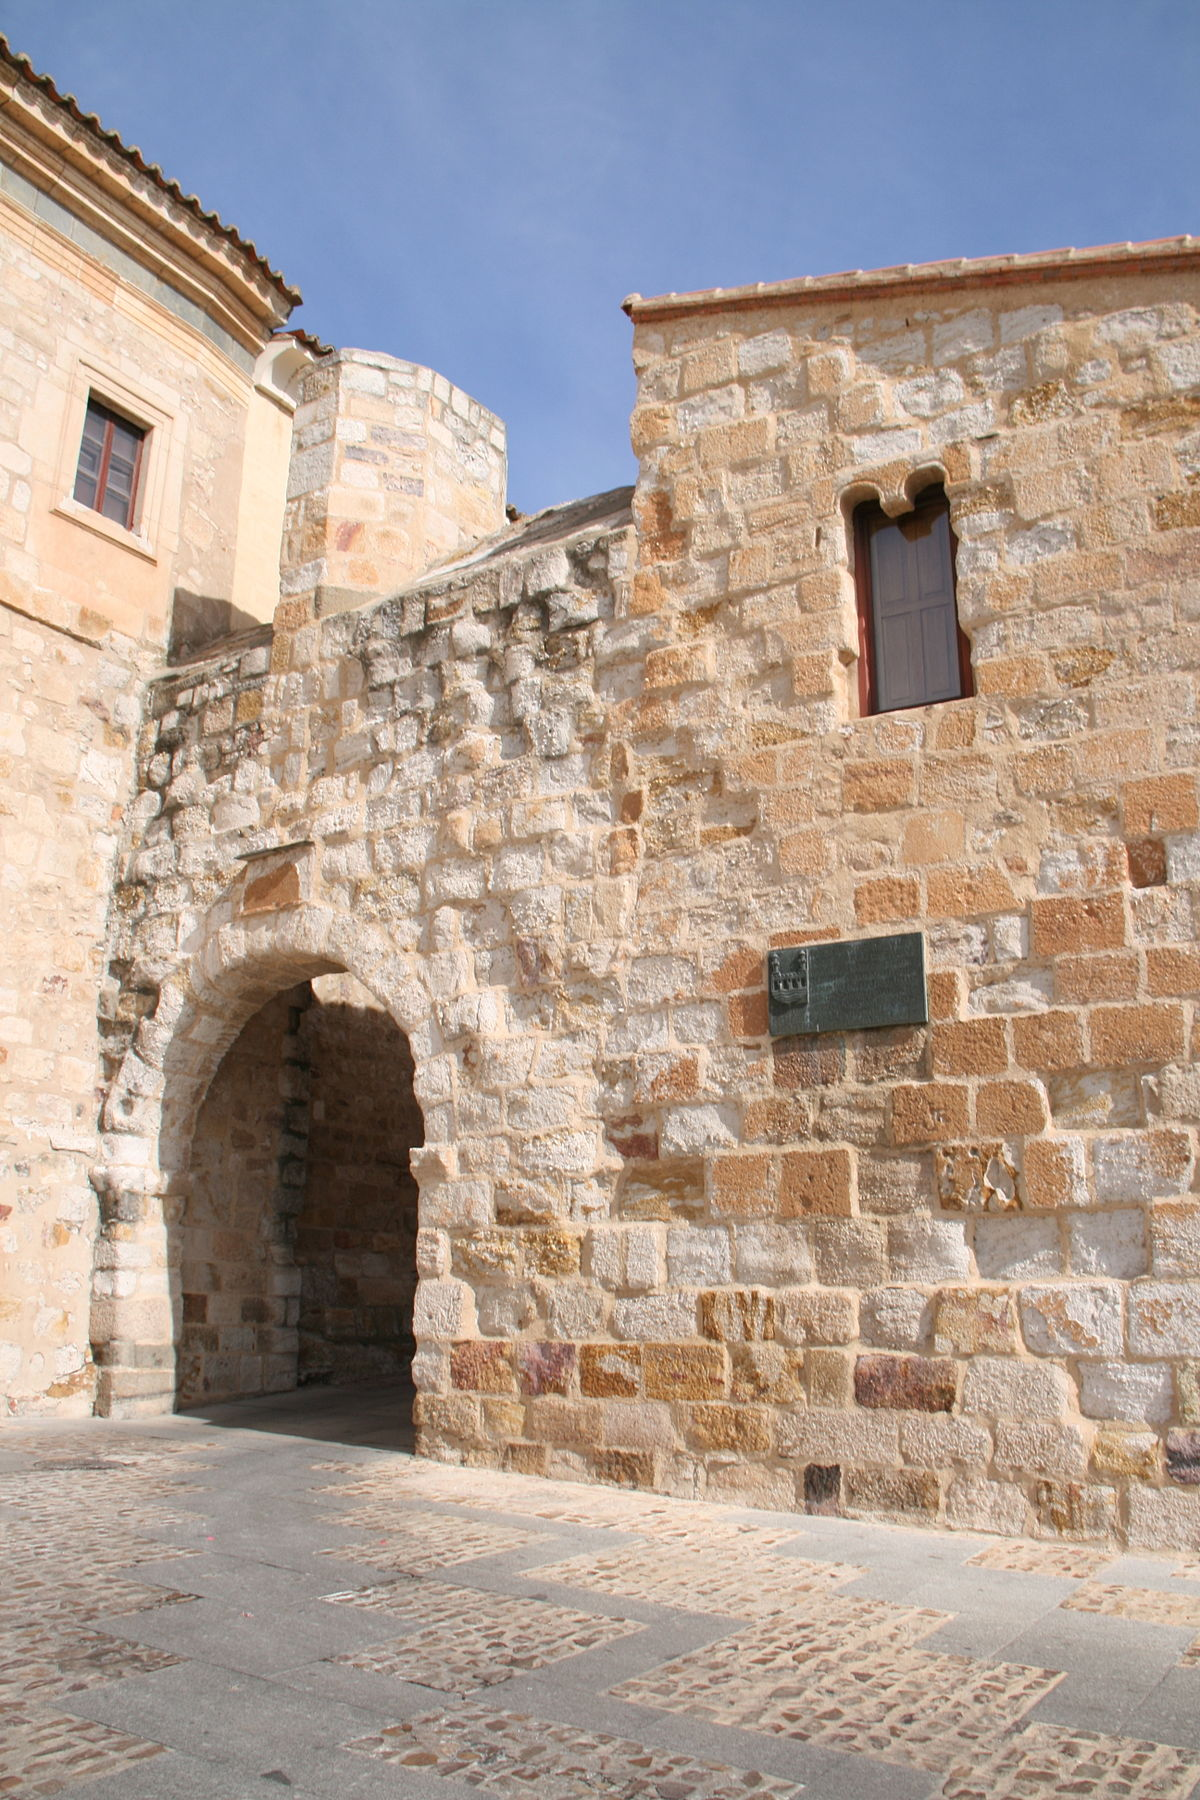 Puerta de olivares wikipedia la enciclopedia libre for Puerta zamora salamanca